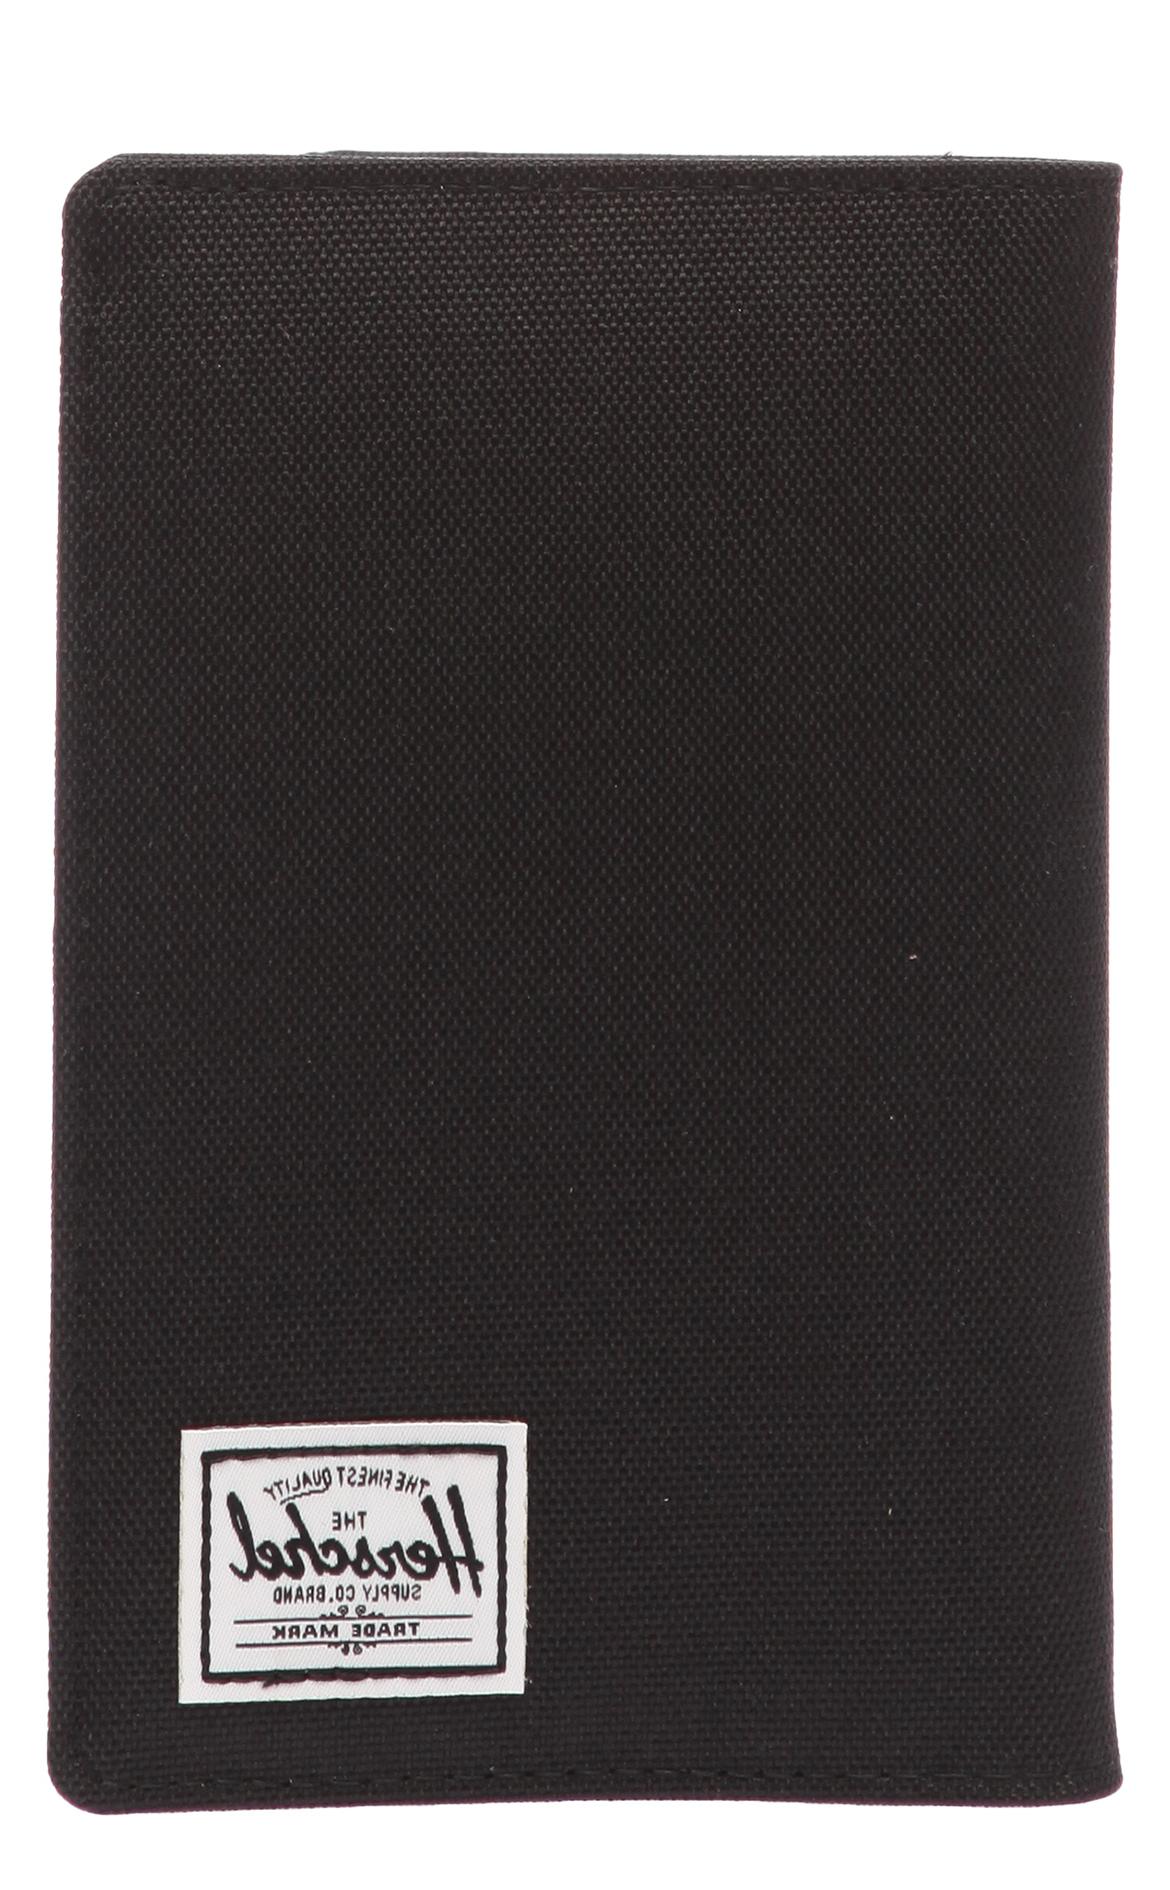 Brand Store | En Sevdiğiniz Markalar, En Sevdiğiniz Mağazalar For Kilian Black 49 Inch Tv Stands (View 6 of 20)